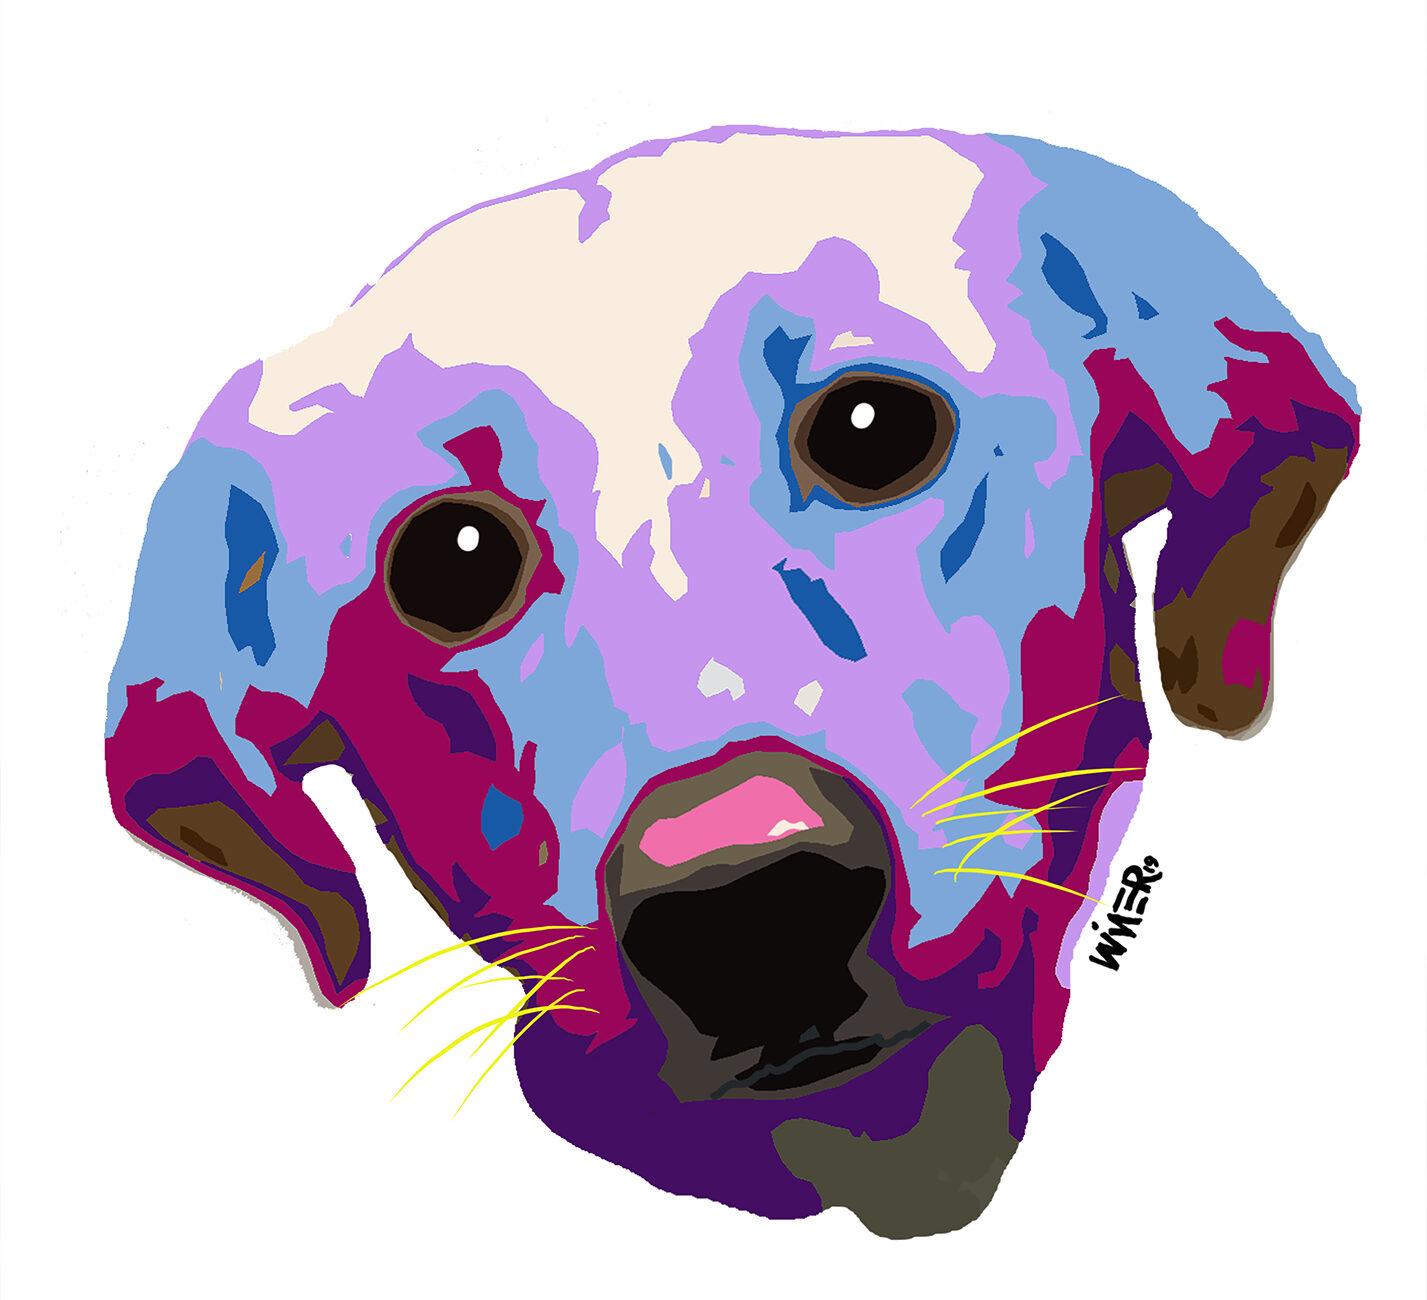 Dog Face Illustration Artwork